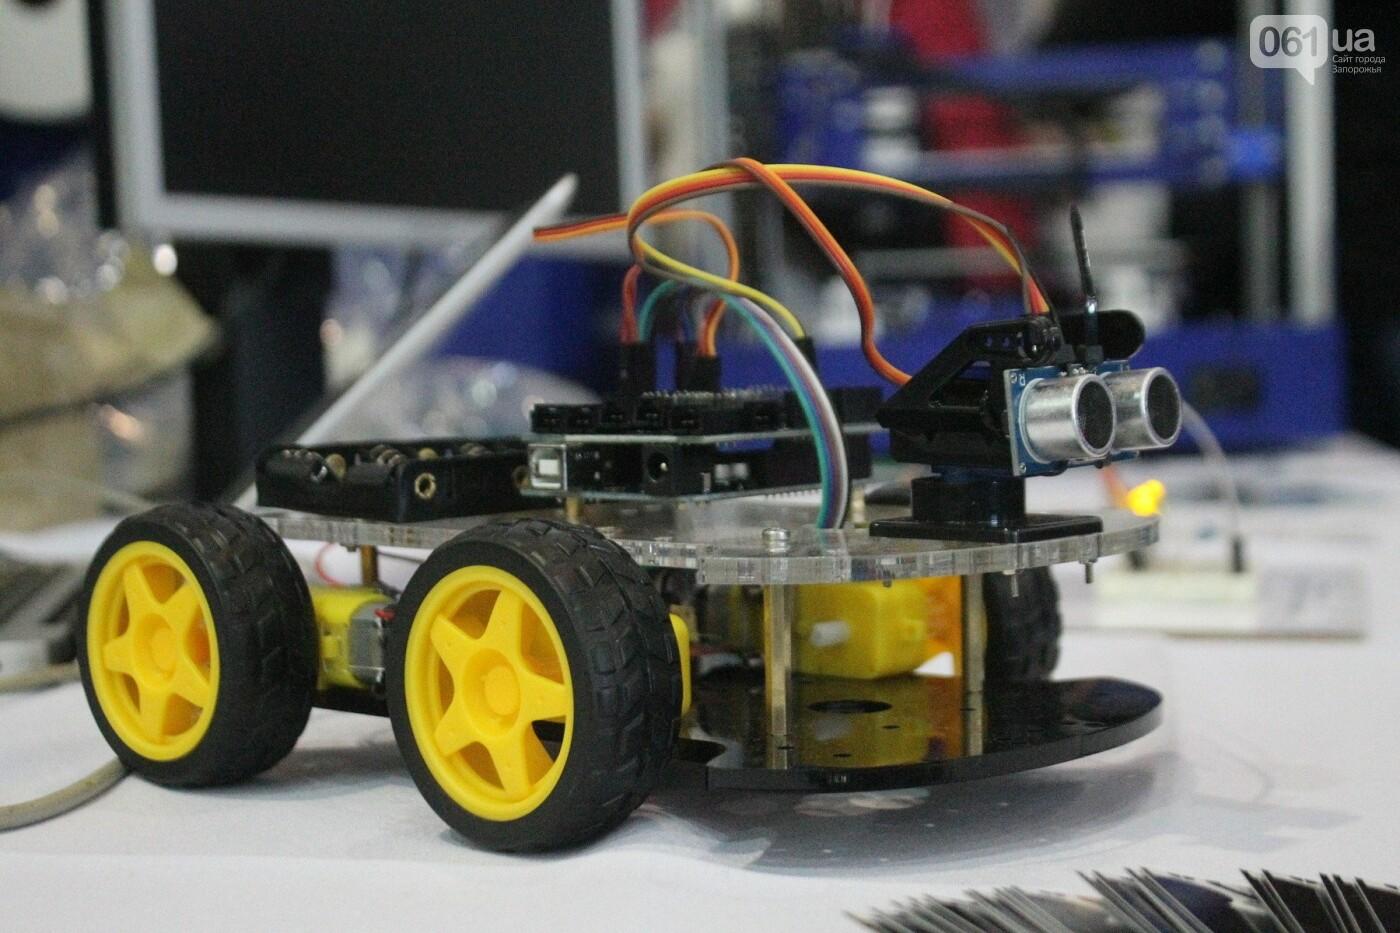 Роботы, киберспорт и спикеры-иностранцы: в Запорожье начался International IT Forum, – ФОТОРЕПОРТАЖ, фото-37